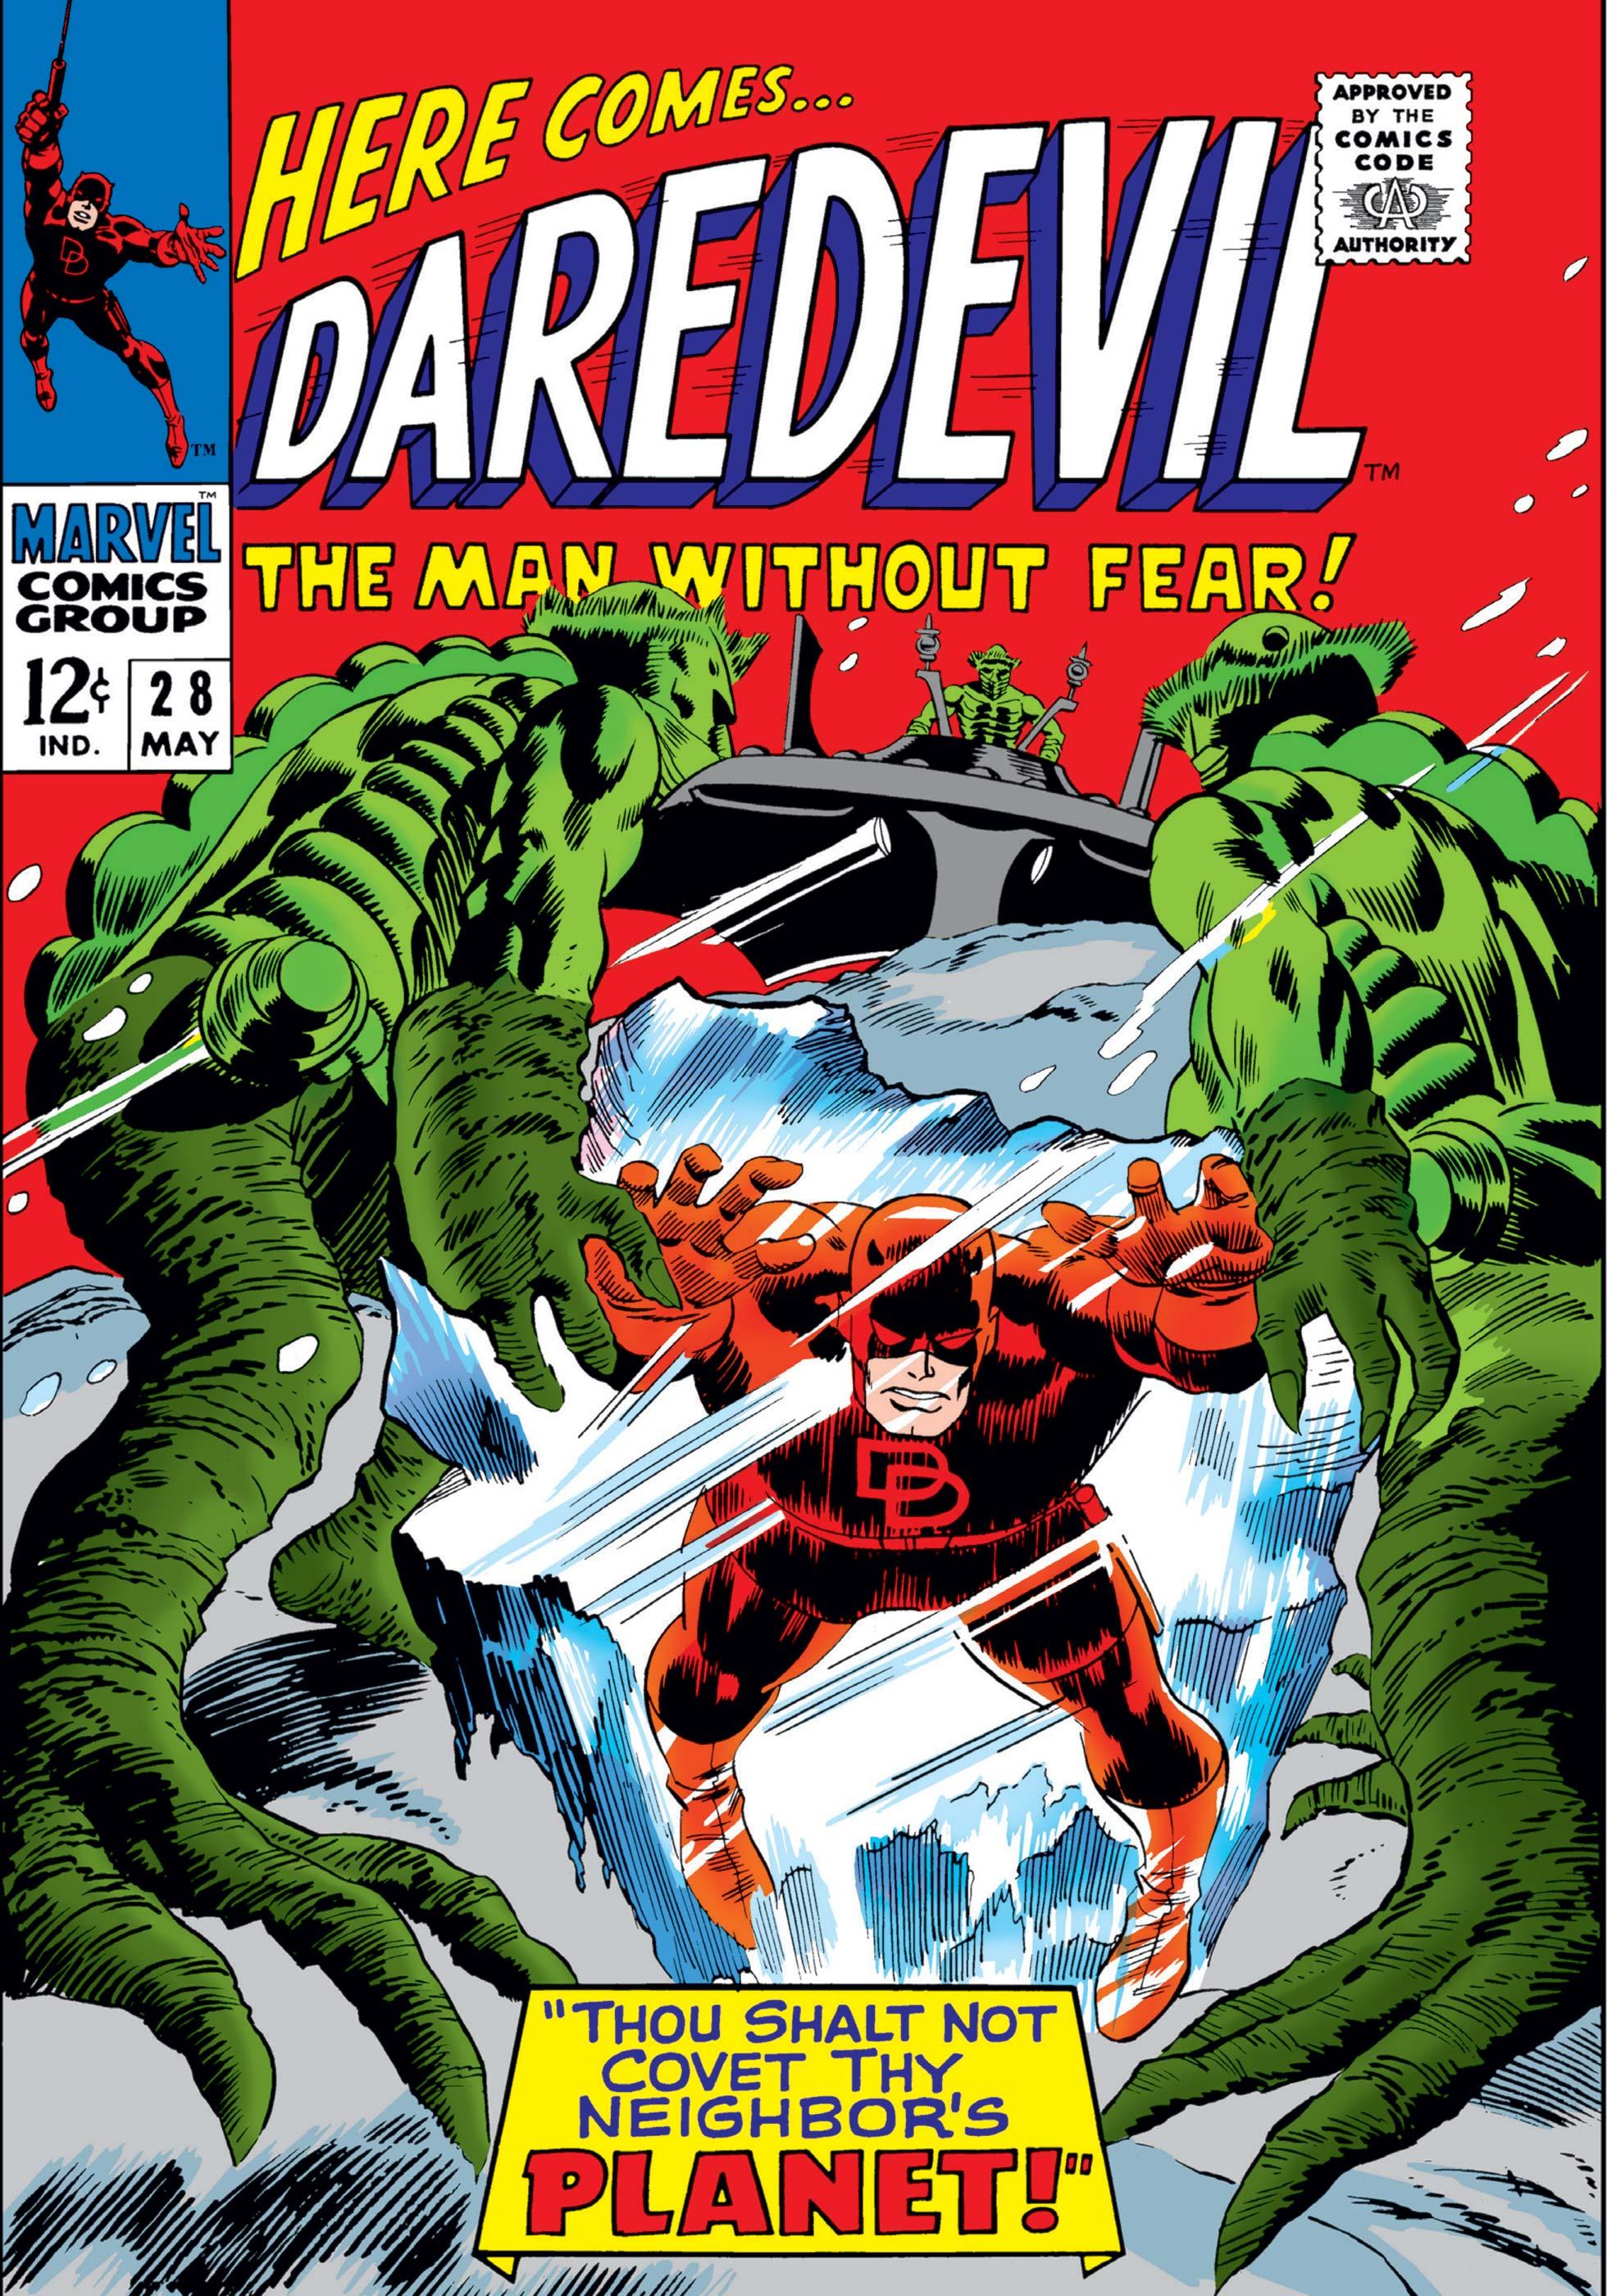 Daredevil (1964) #28